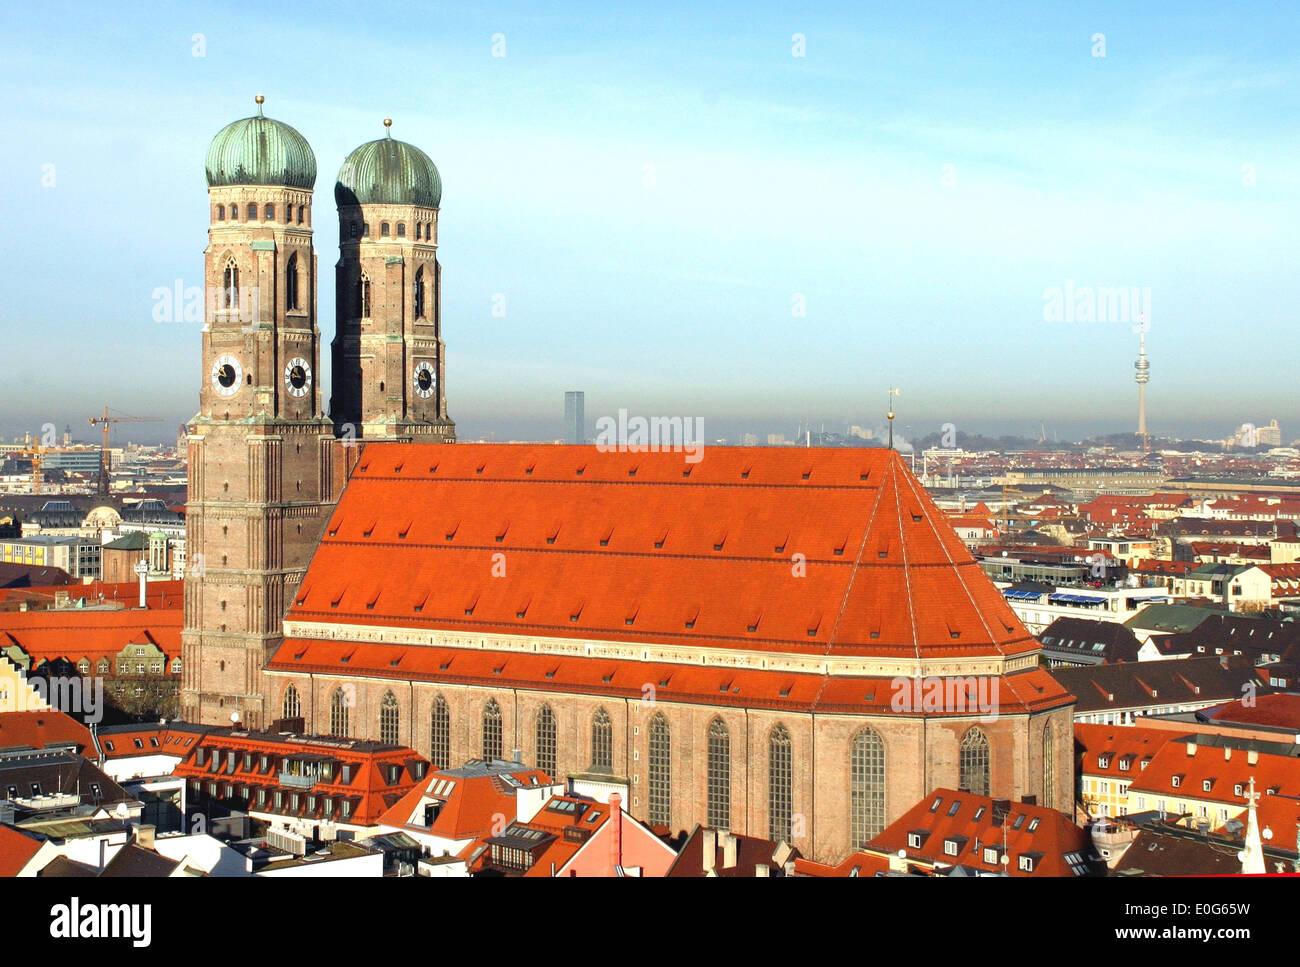 deutschland m nchen frauenkirche und rathaus stockfoto bild 69197573 alamy. Black Bedroom Furniture Sets. Home Design Ideas